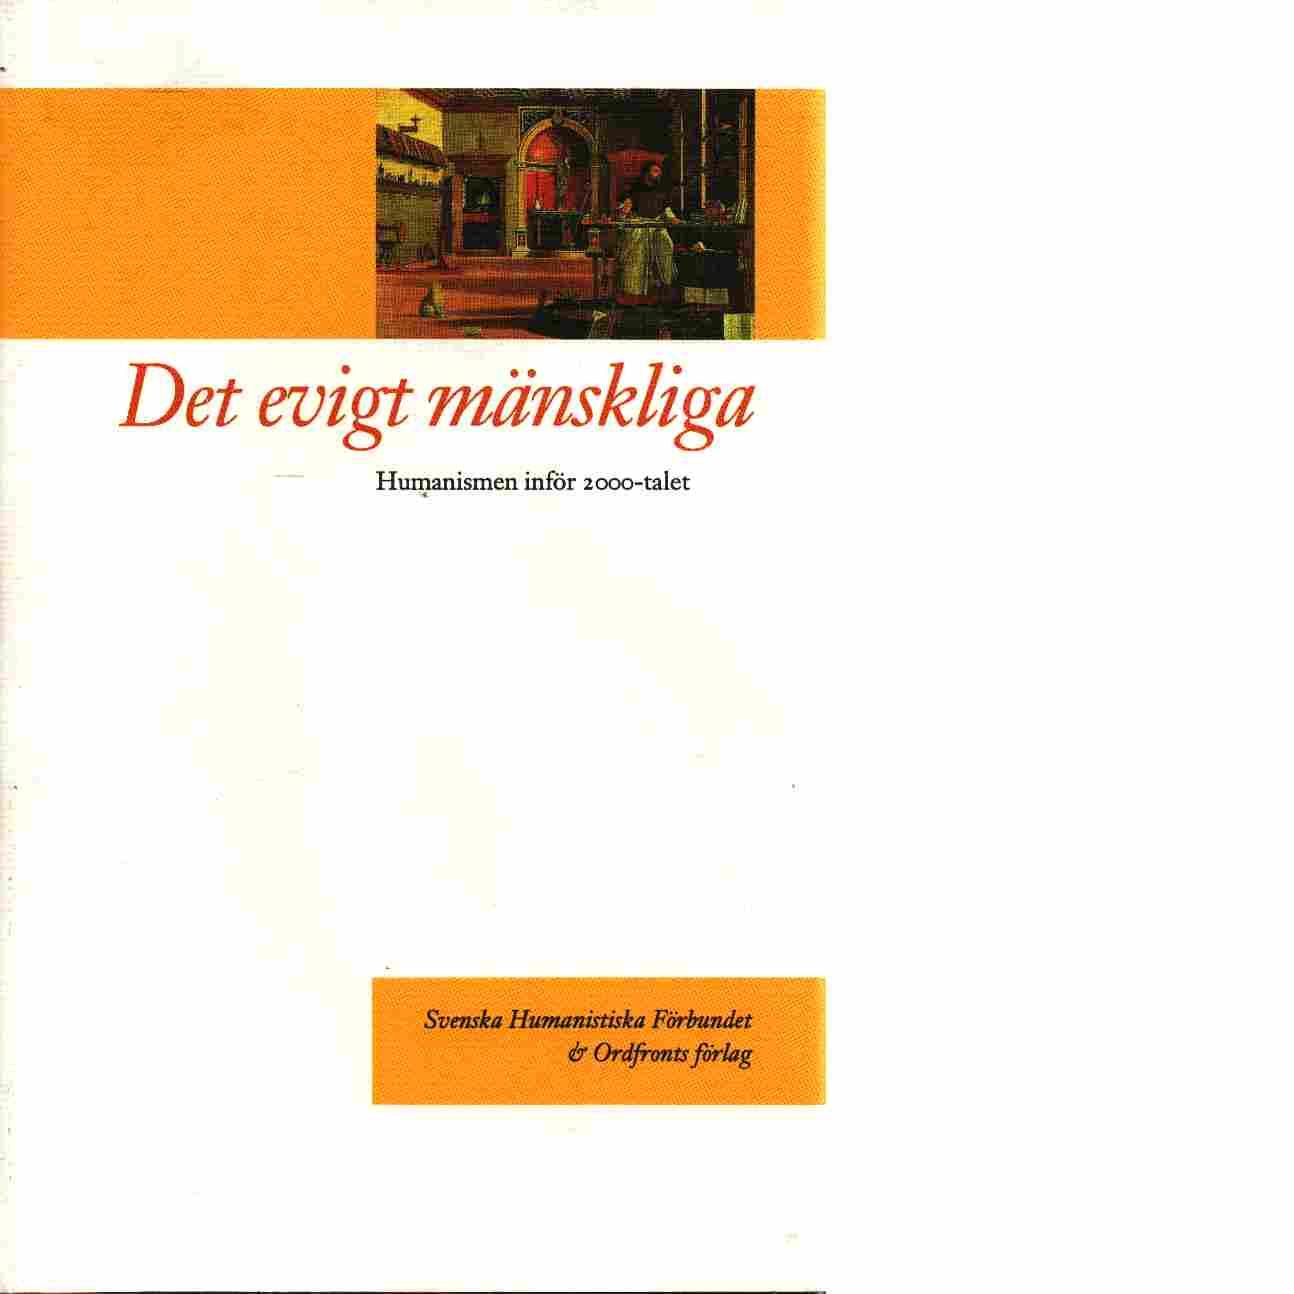 Det evigt mänskliga : humanismen inför 2000-talet - Björnsson, Anders